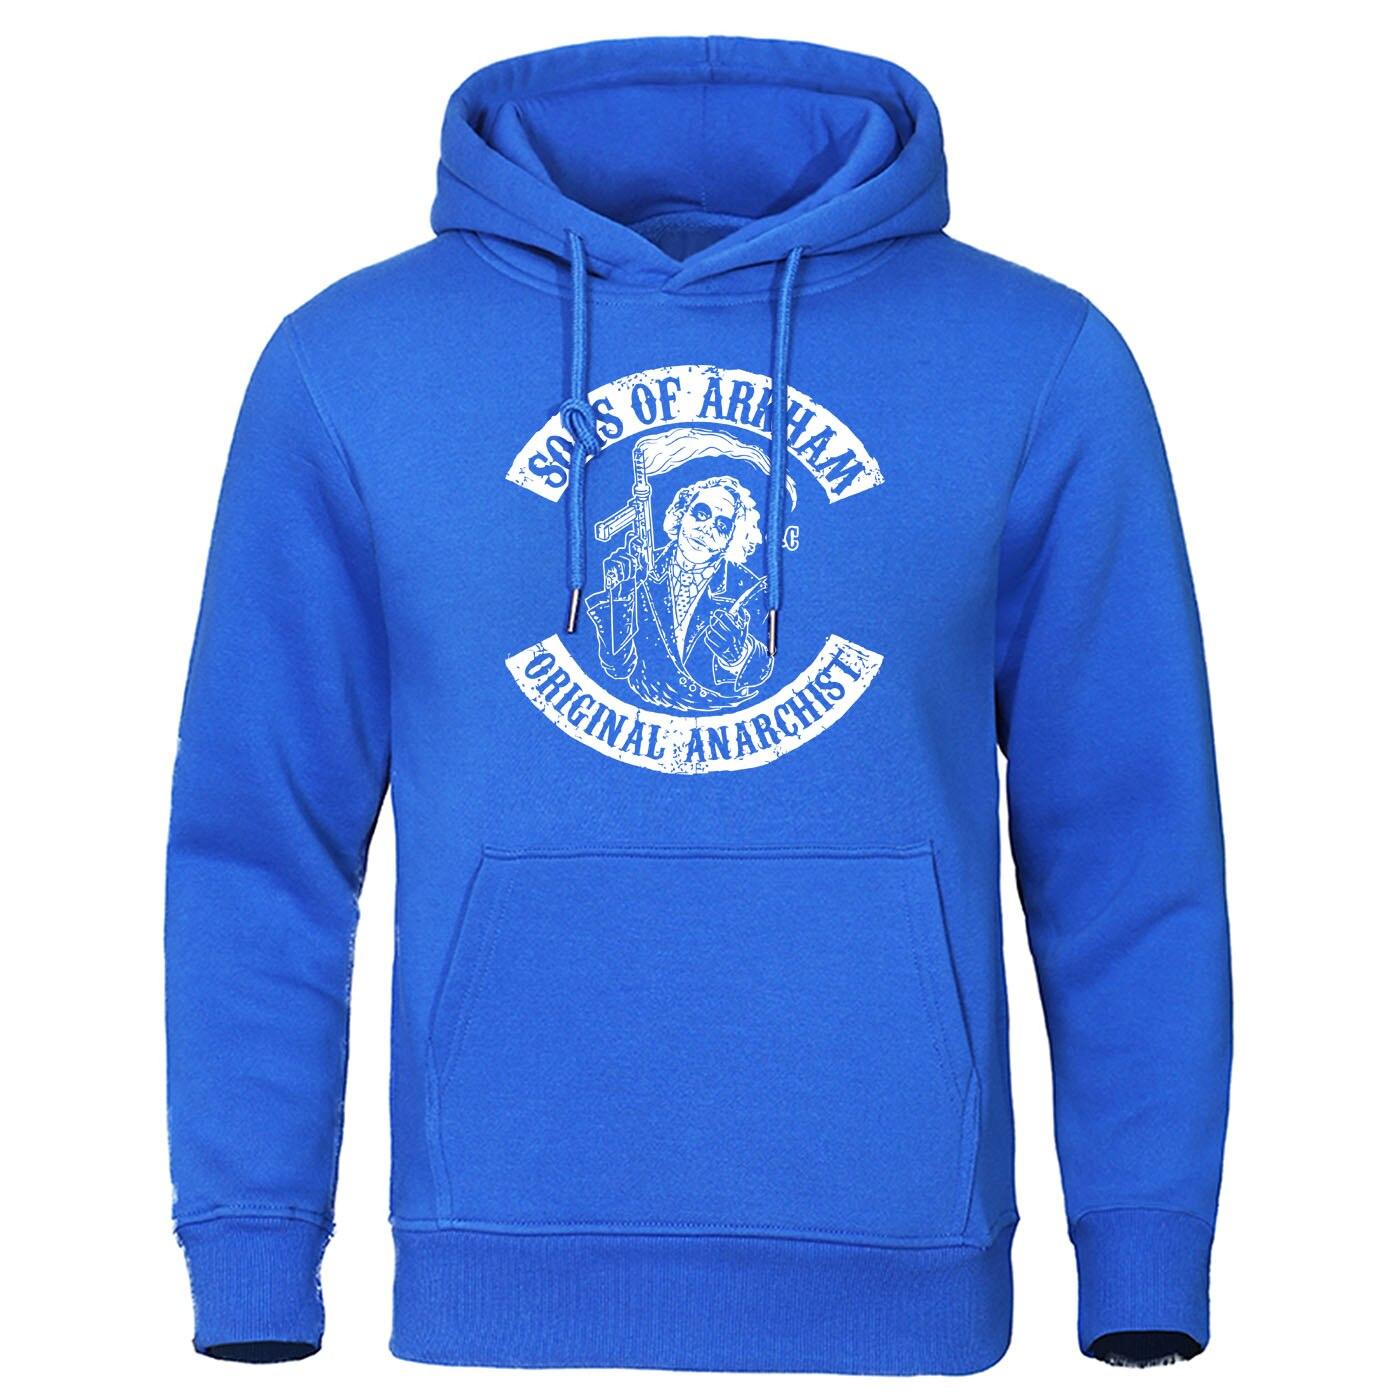 Sons Of Arkham Men Hoodies Original Prankster Hoodie Sweatshirt Mens Letter Print Pullover Funny Hip Hop Joker Streetwear Hoody